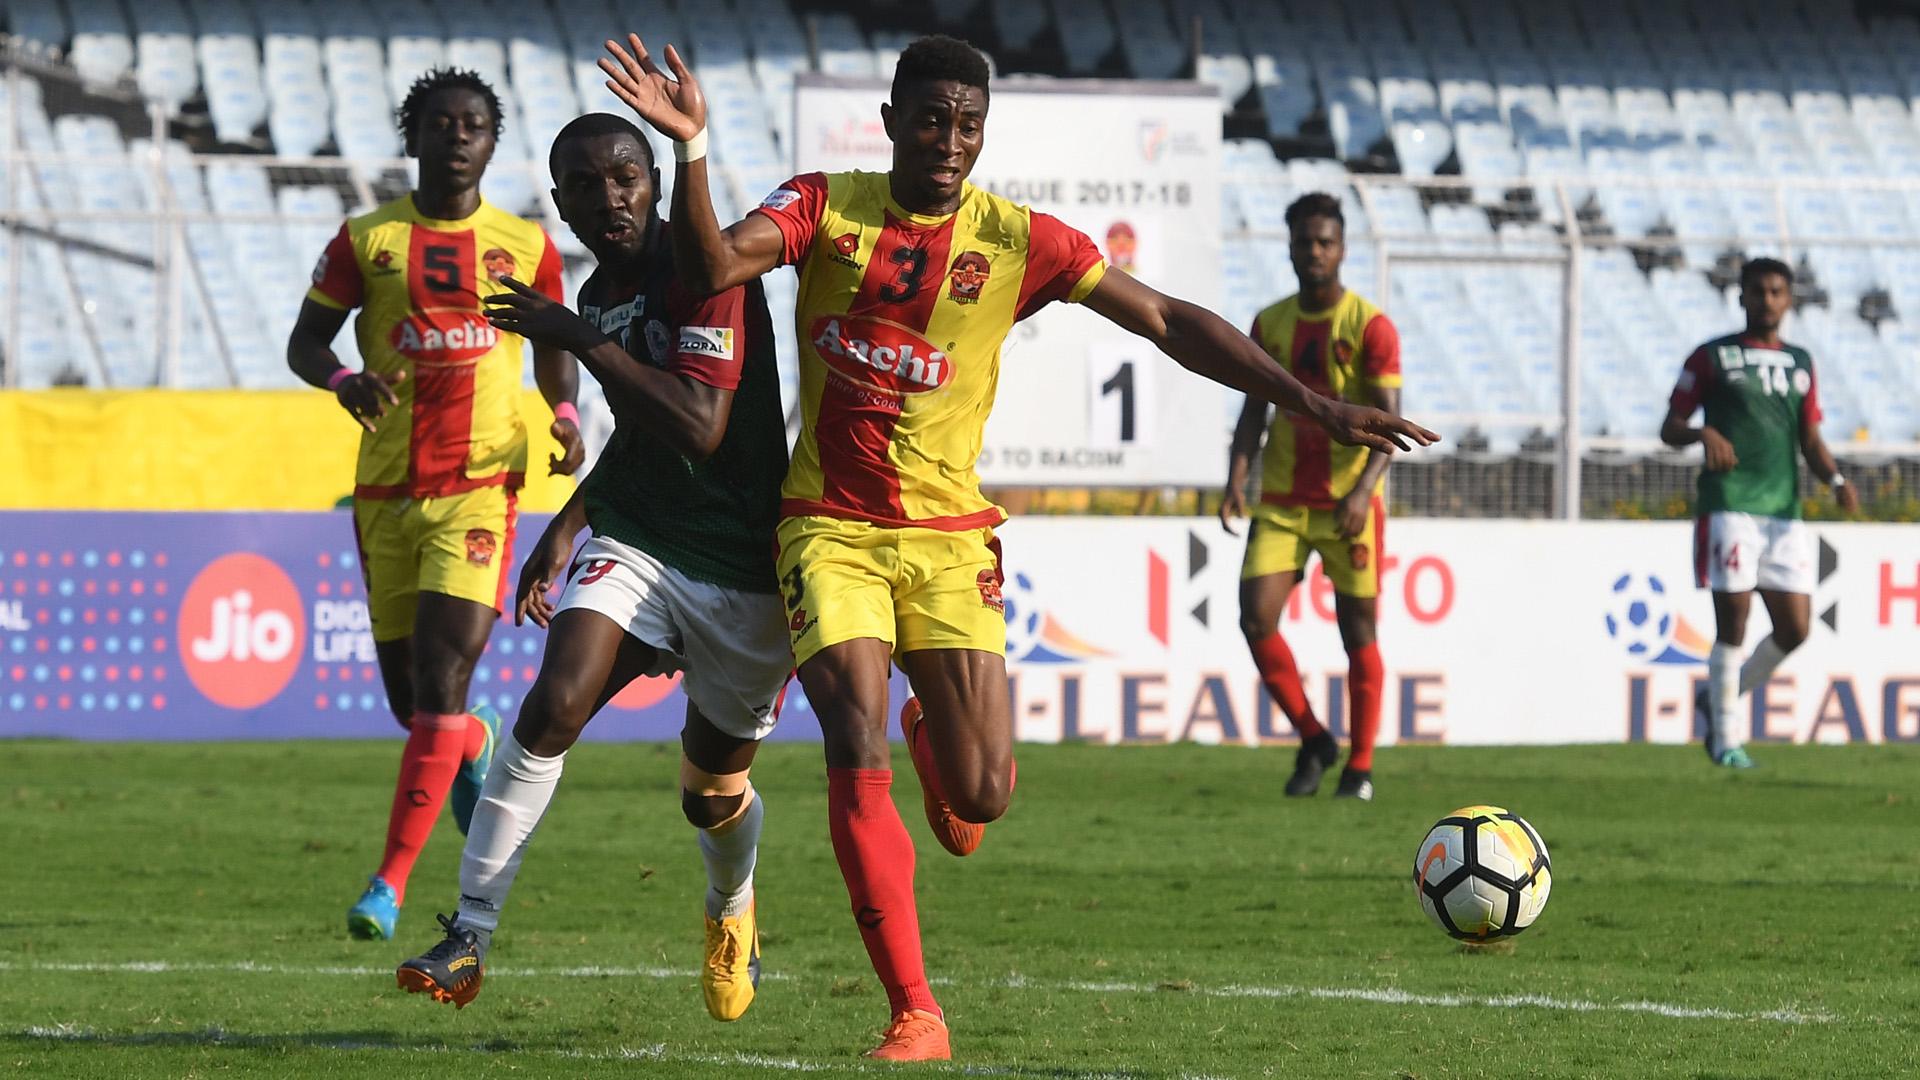 Emmanuel Chigozie Mohun Bagan Gokulam FC I-League 2017/2018